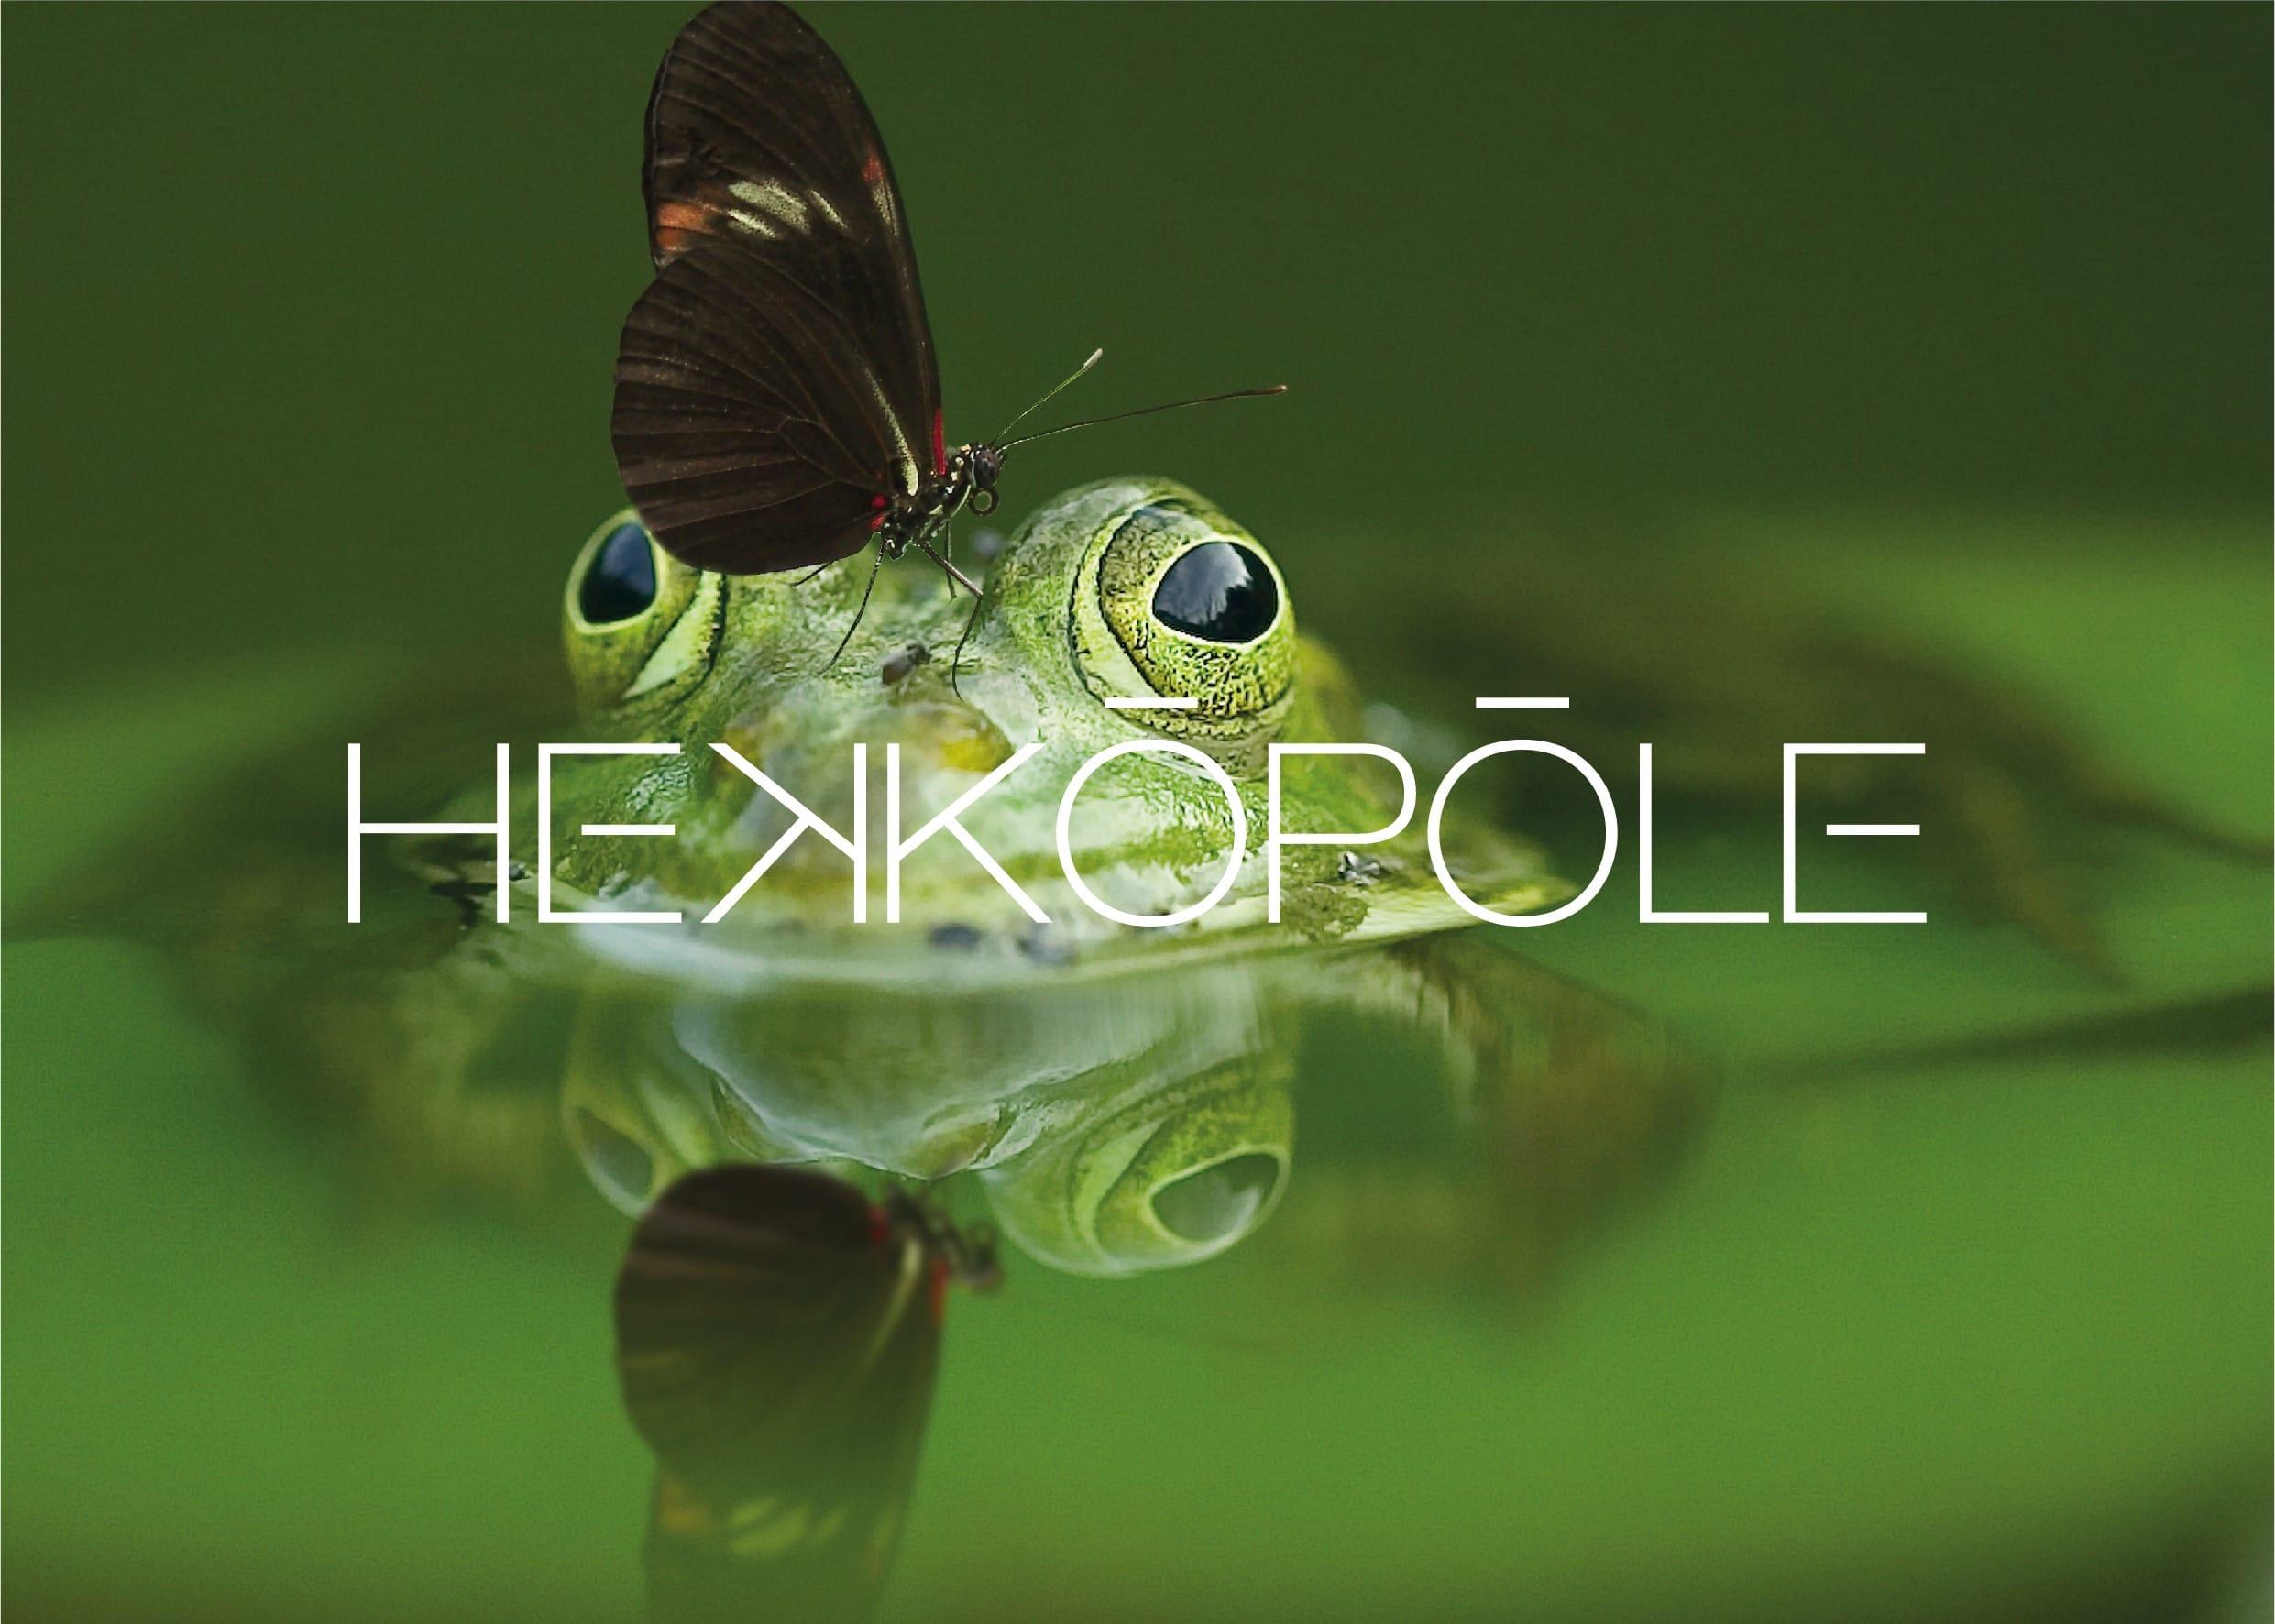 Hekkôpôle logo